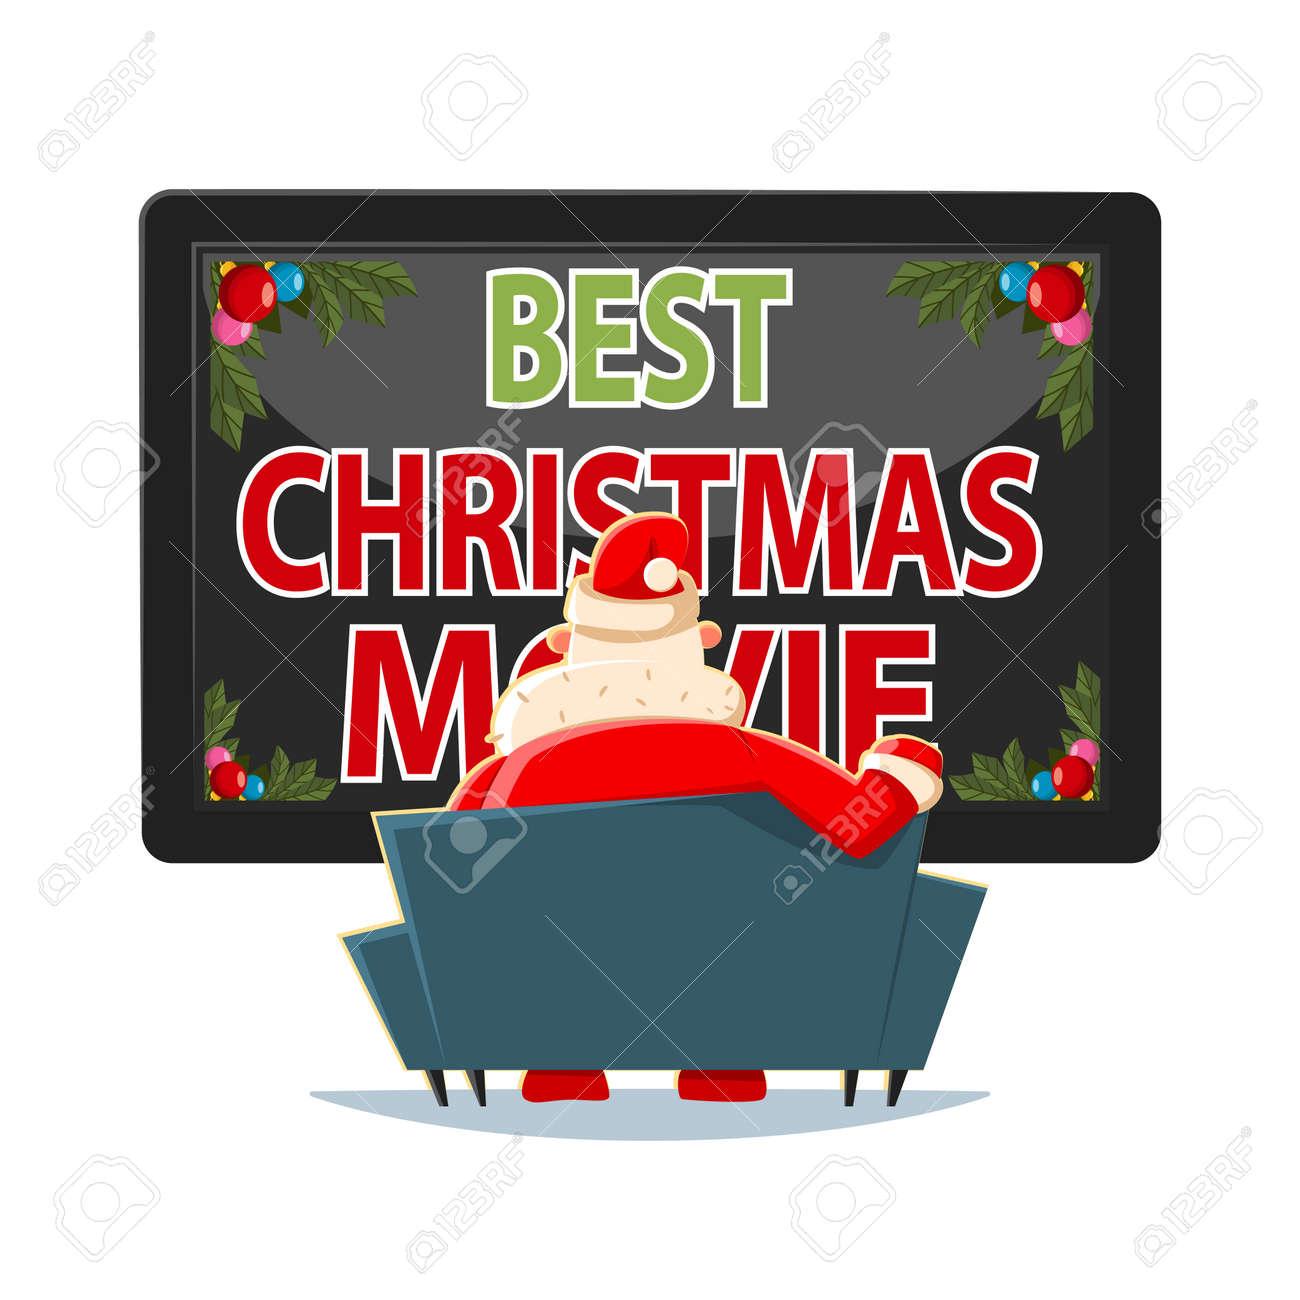 Peliculas Dibujos Animados De Navidad.Las Mejores Peliculas De Navidad Vector Ilustracion De Dibujos Animados Santa Claus En El Sofa Viendo La Television